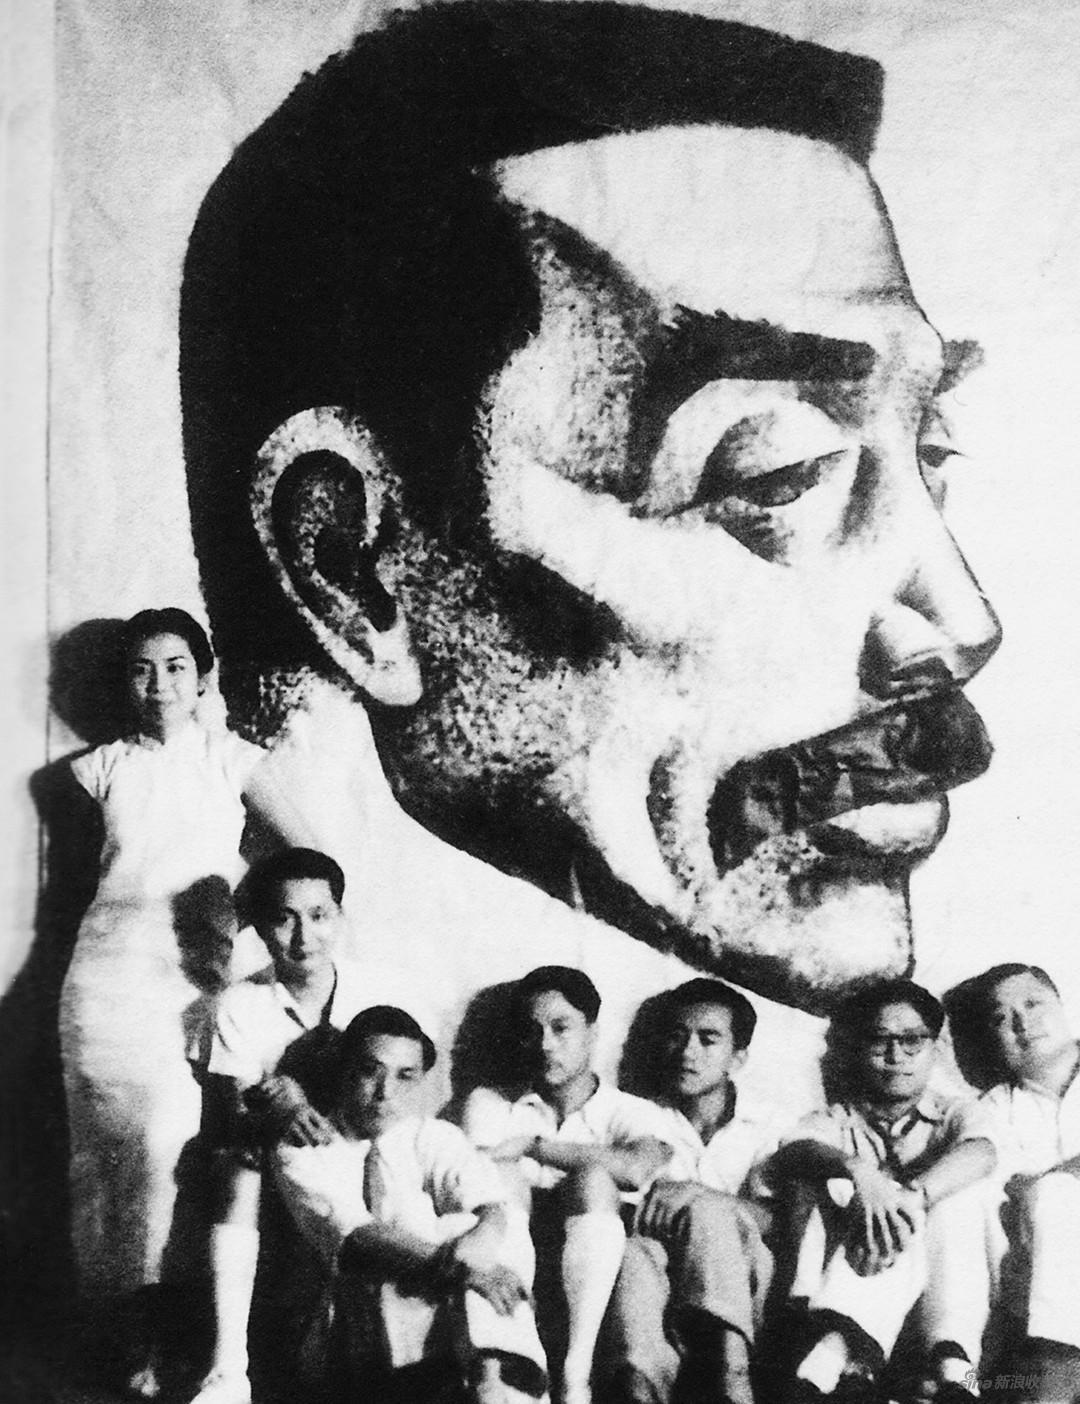 1940年8月,在香港绘制鲁迅像。右起:张光宇、丁聪、谢谢、叶浅予、糜文焕、张正宇、郁风